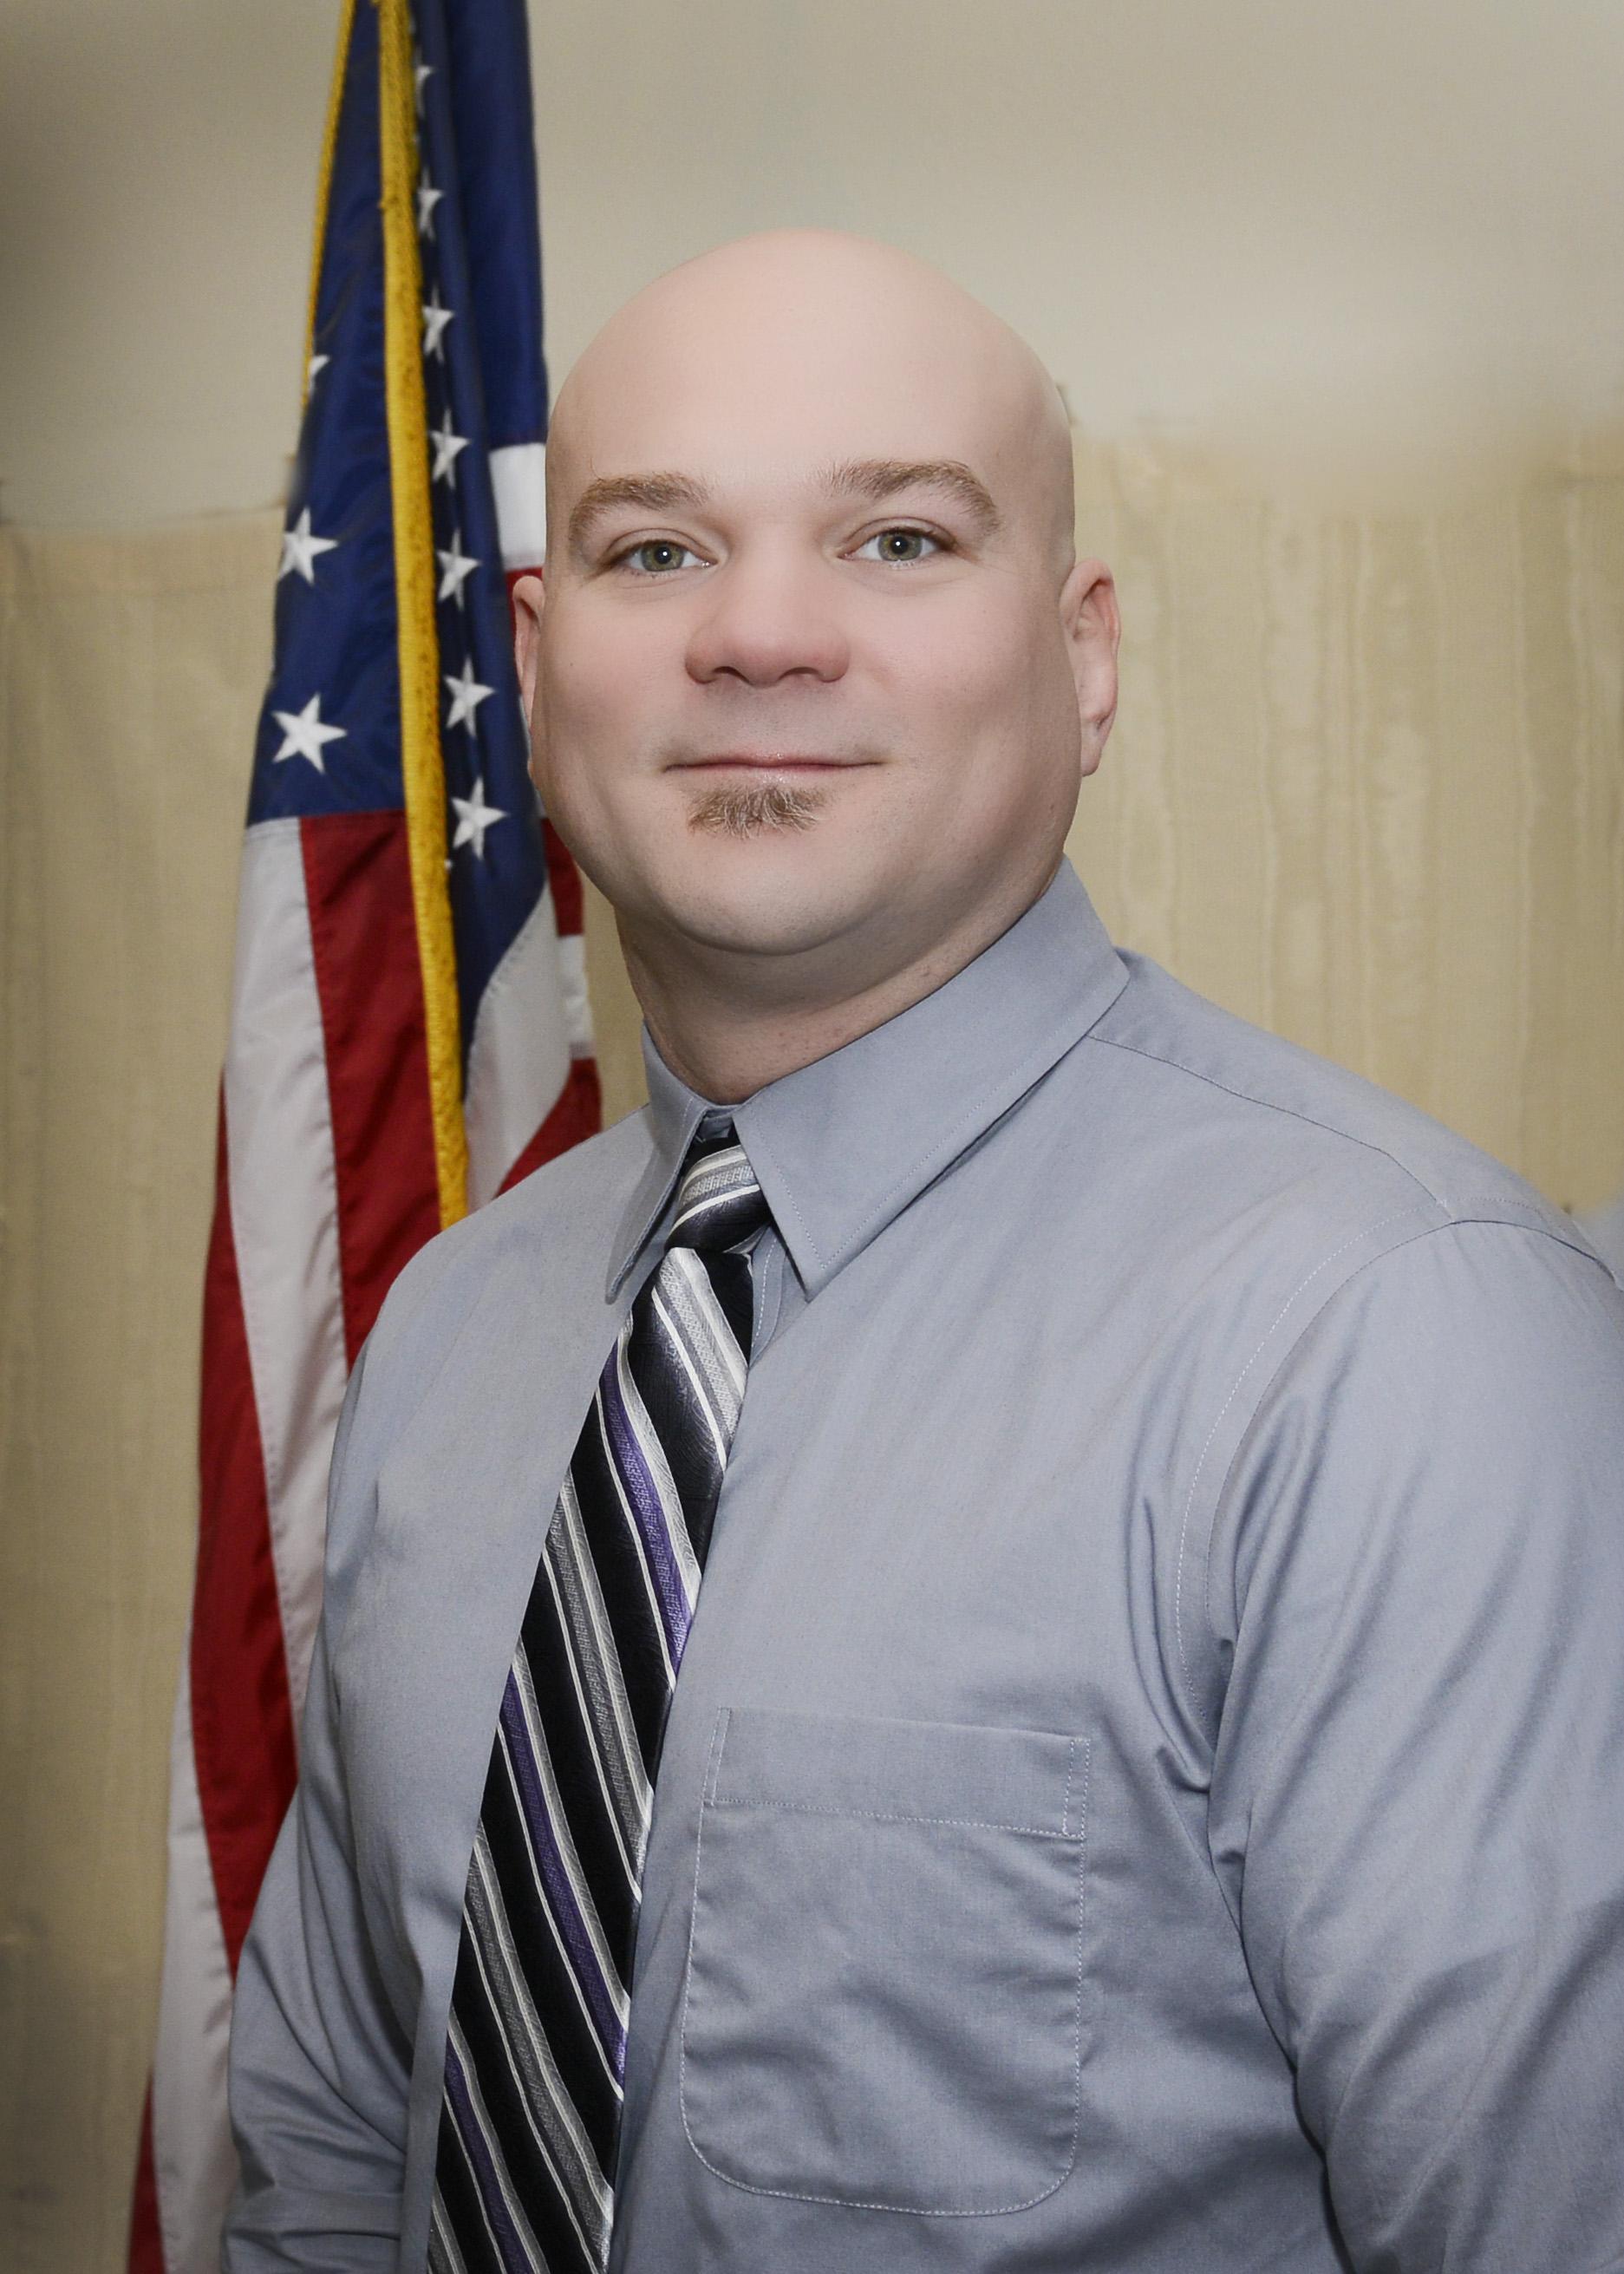 Jeff Halter